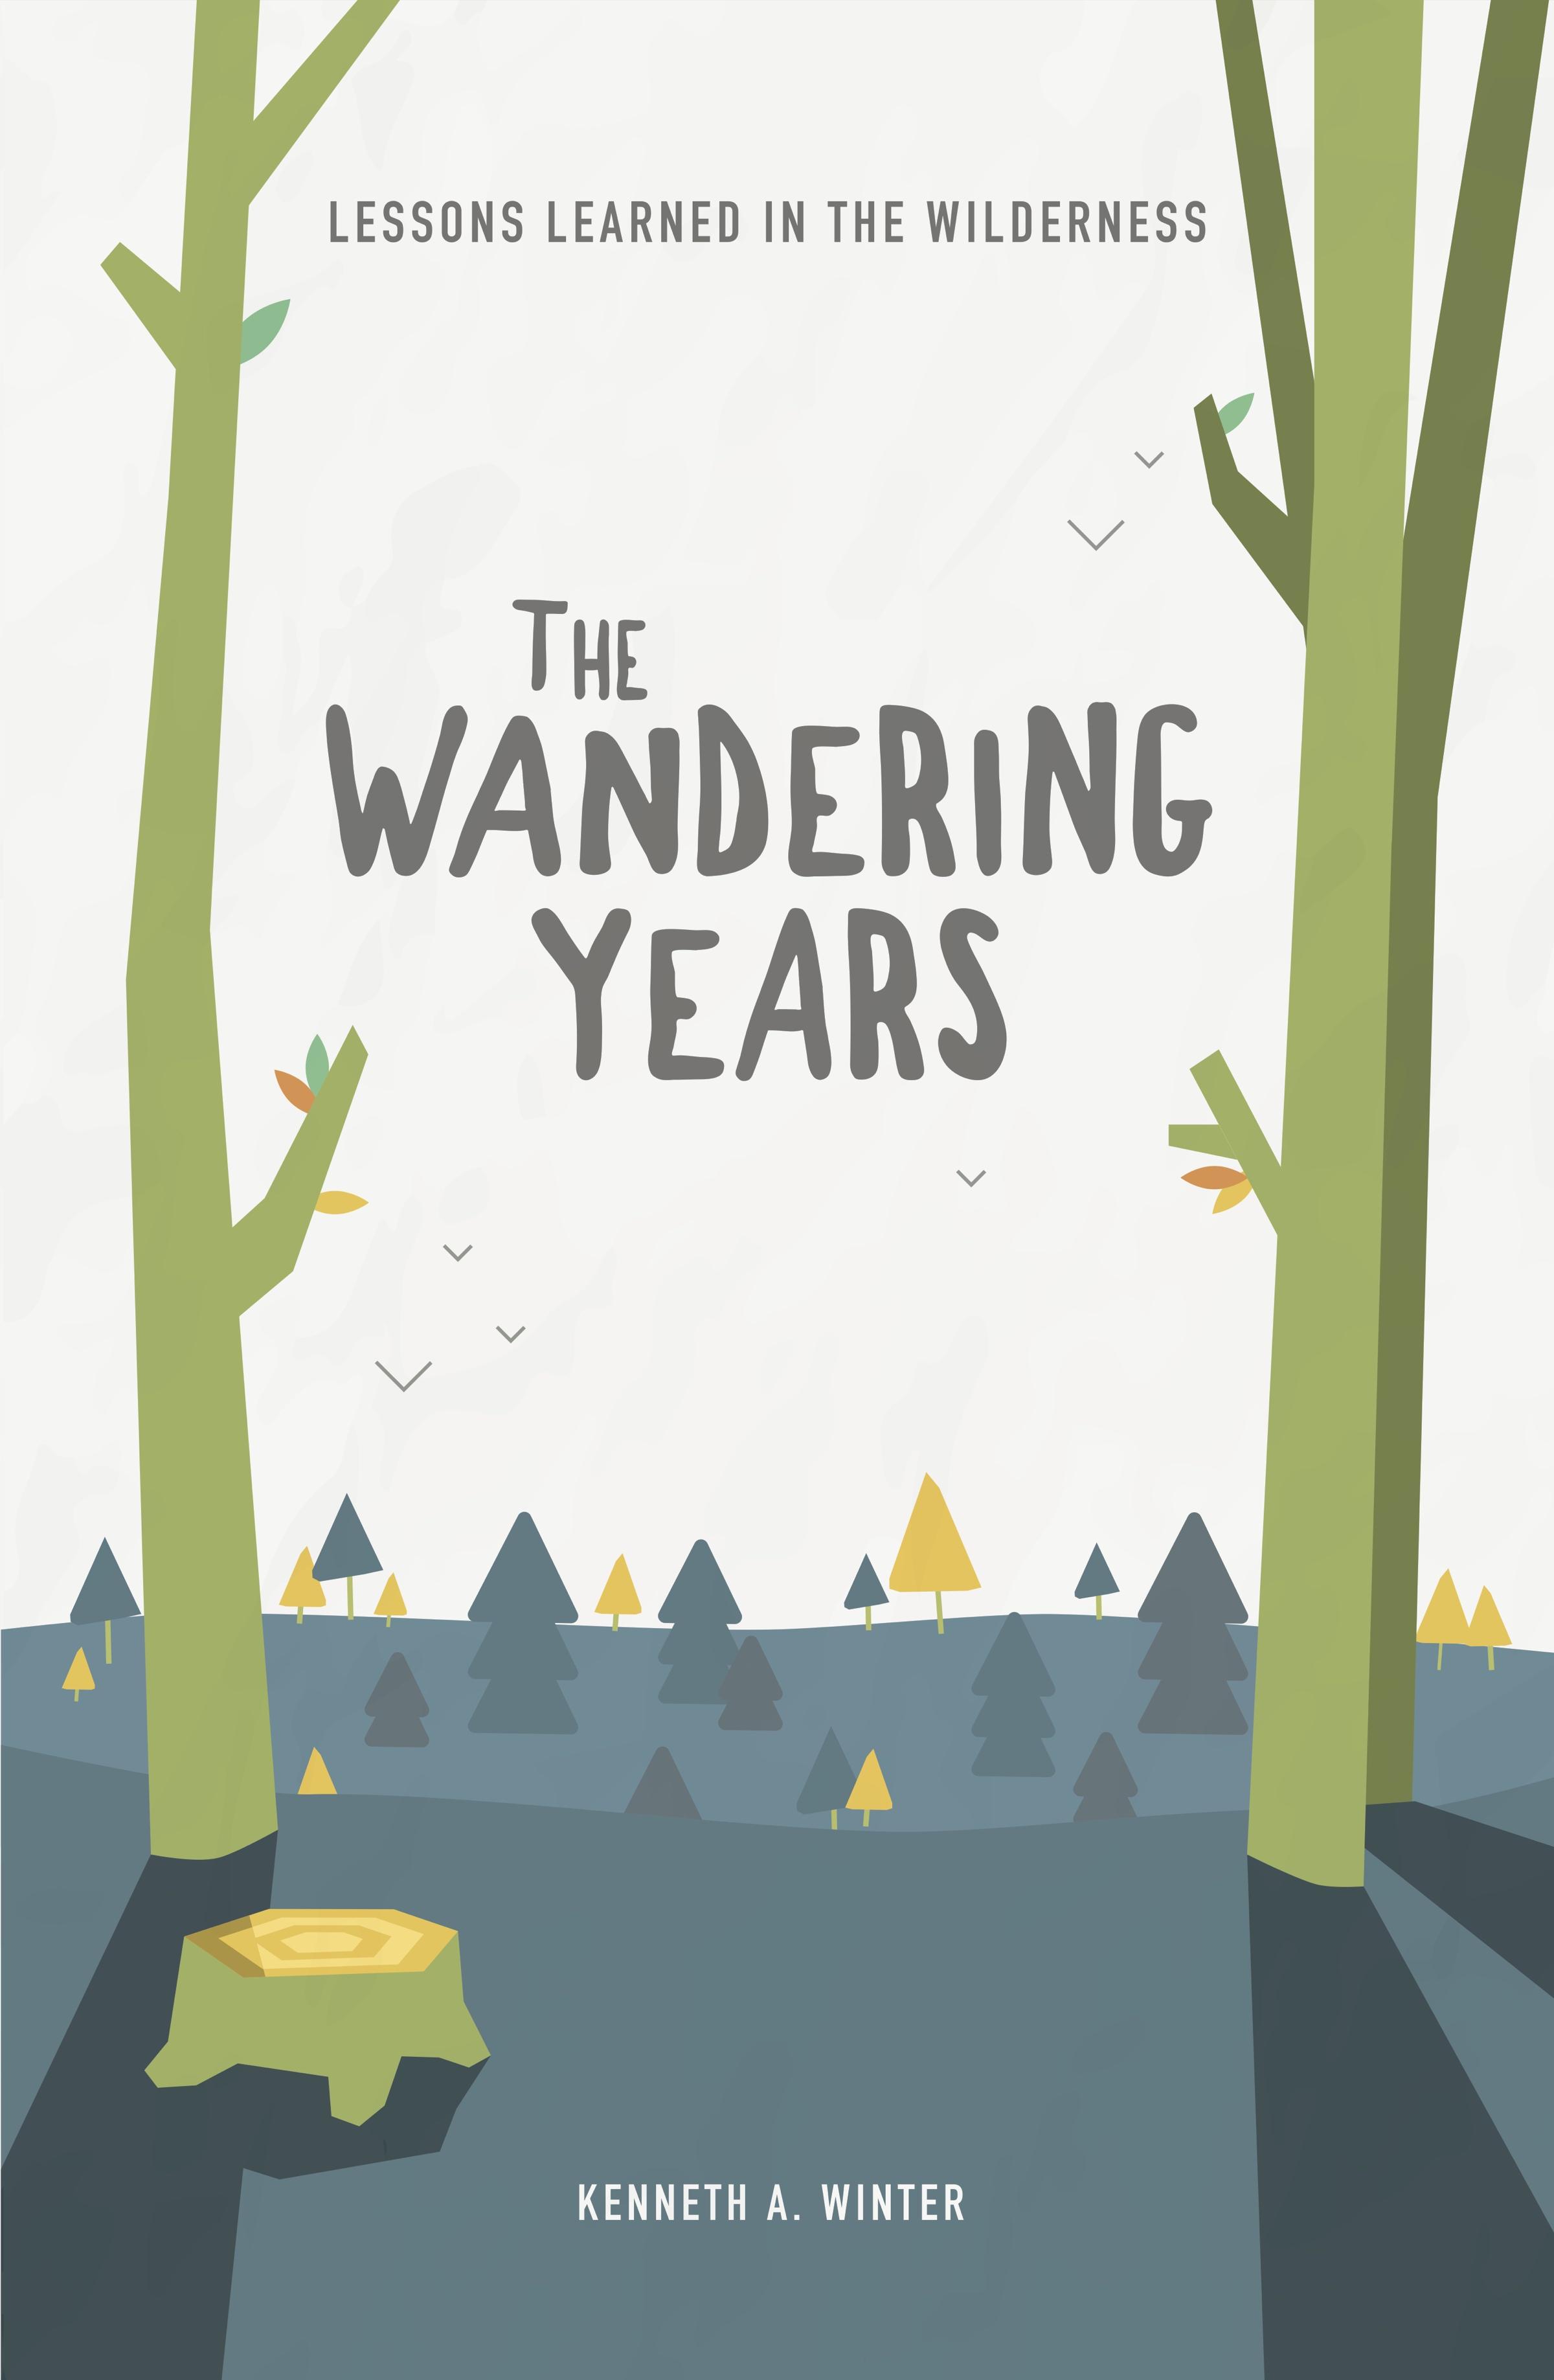 The-Wandering-Years-iBooks.jpg